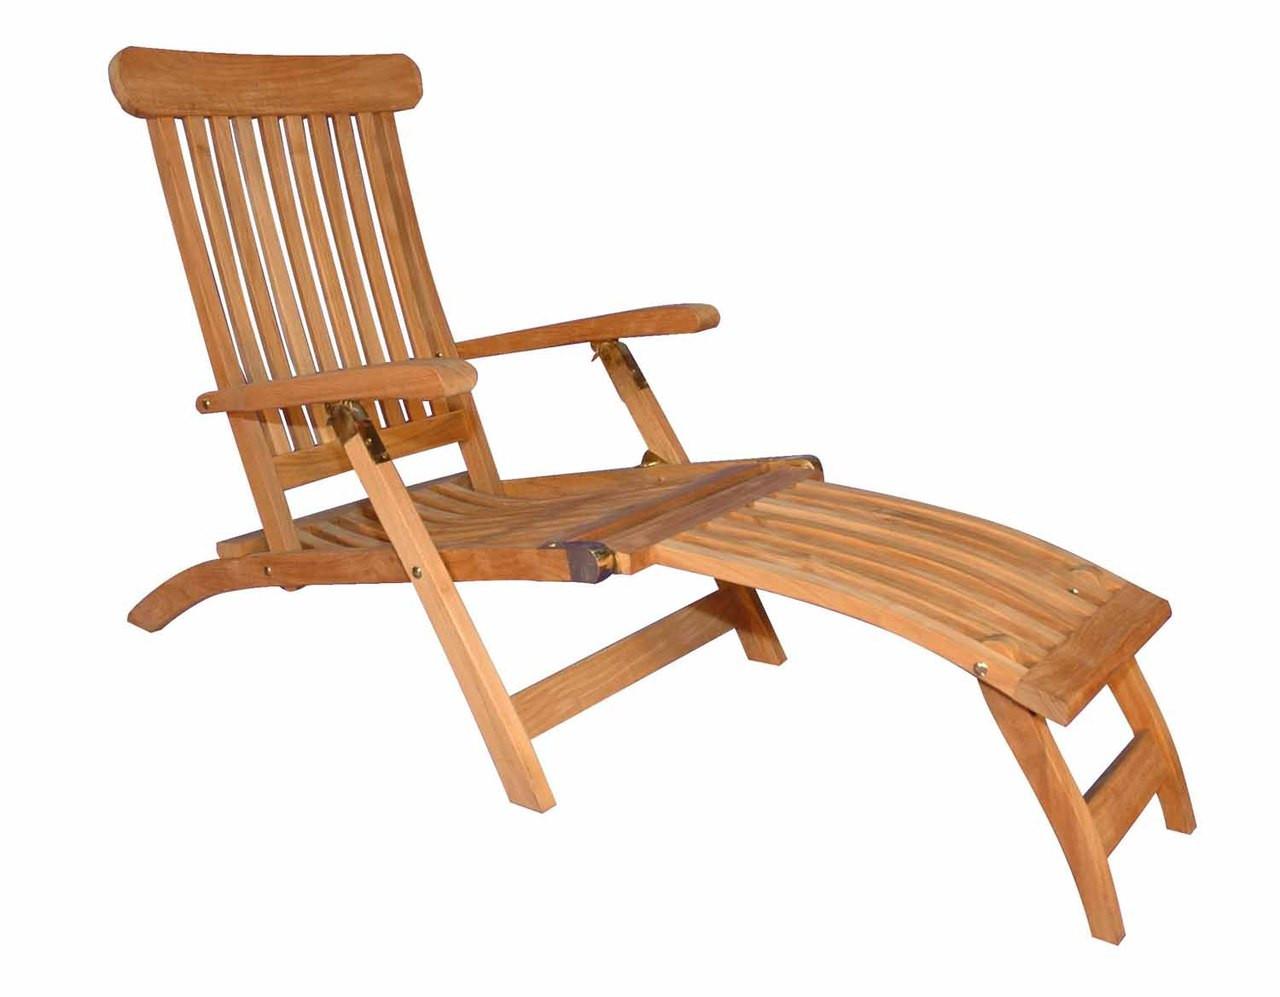 teak steamer chair masoli swivel by regal great garden supply